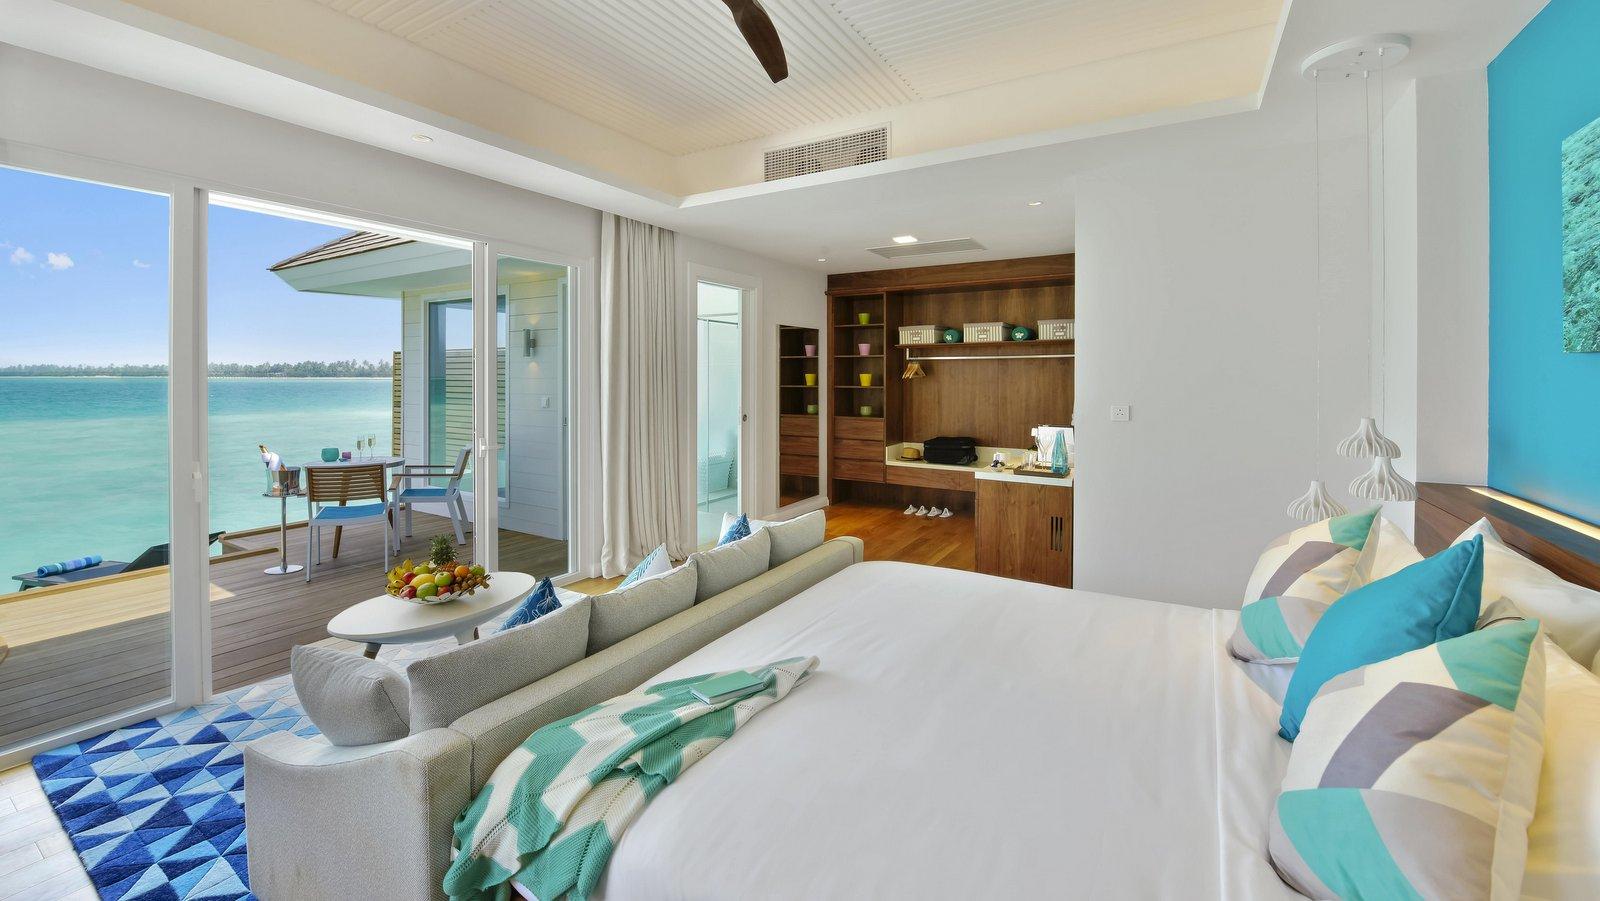 Мальдивы, отель Kandima Maldives, номер Aqua Villa